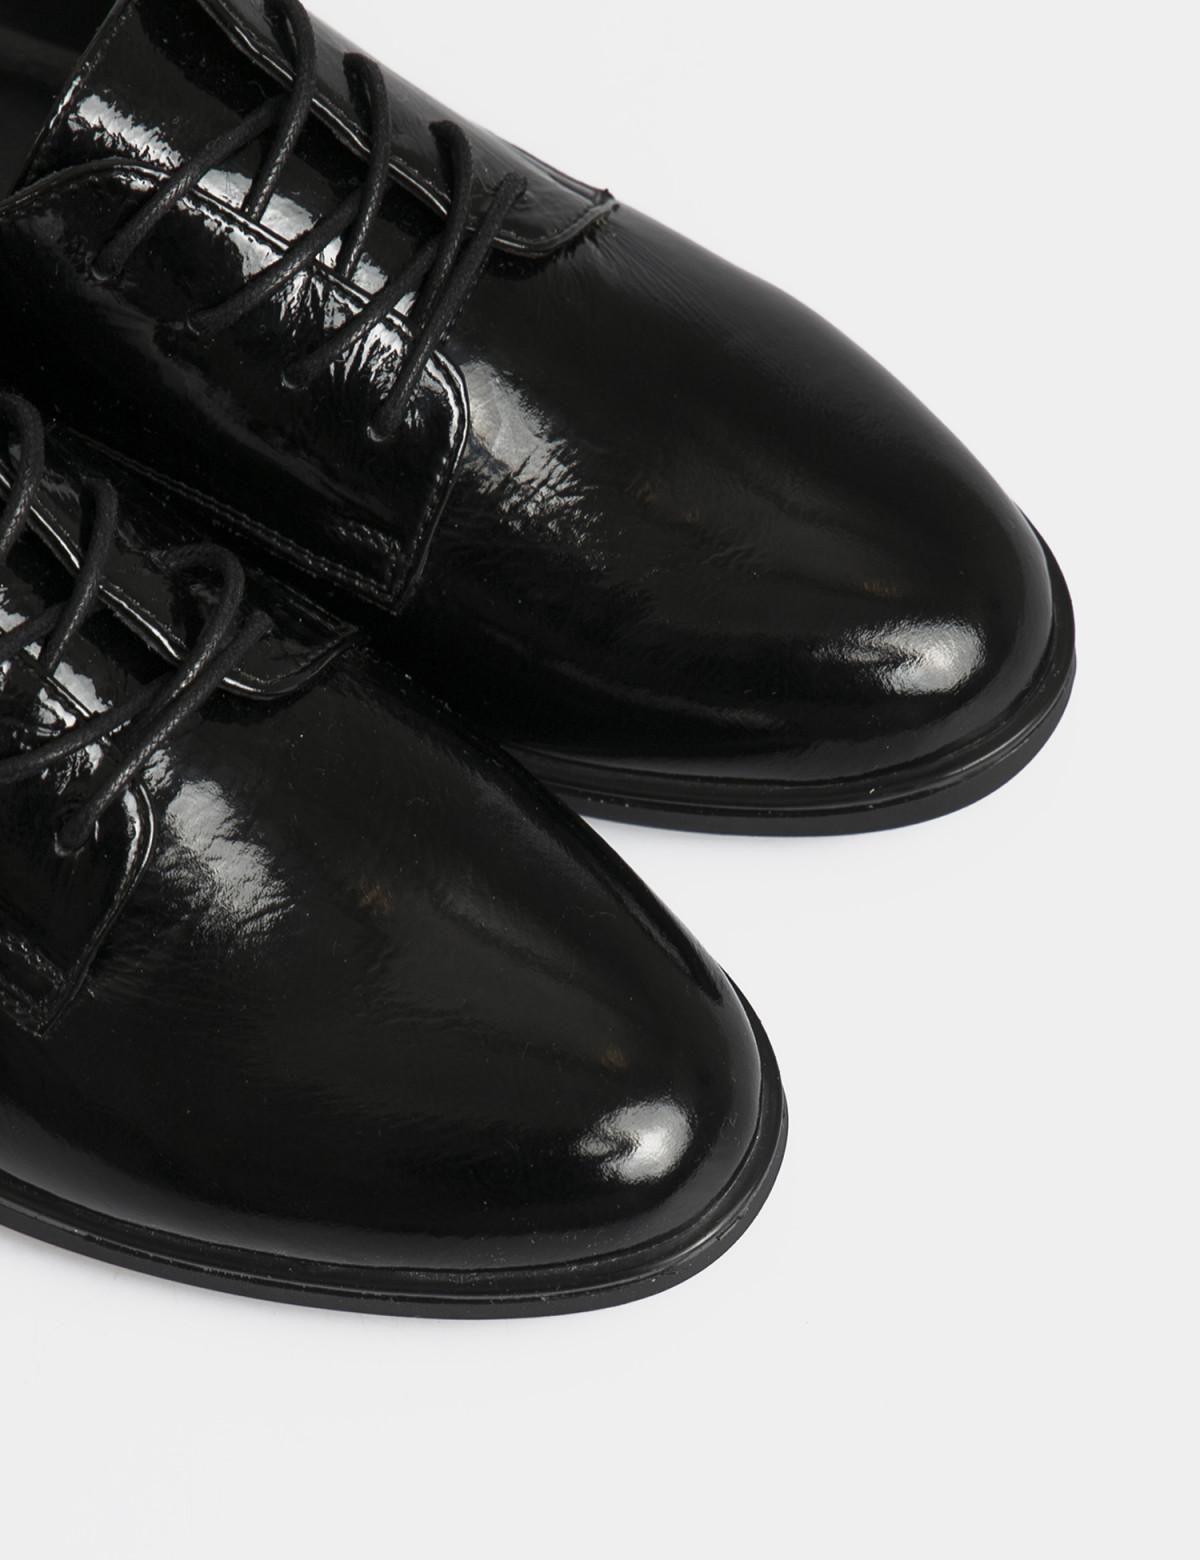 Туфли черные лакированные, натуральная кожа4